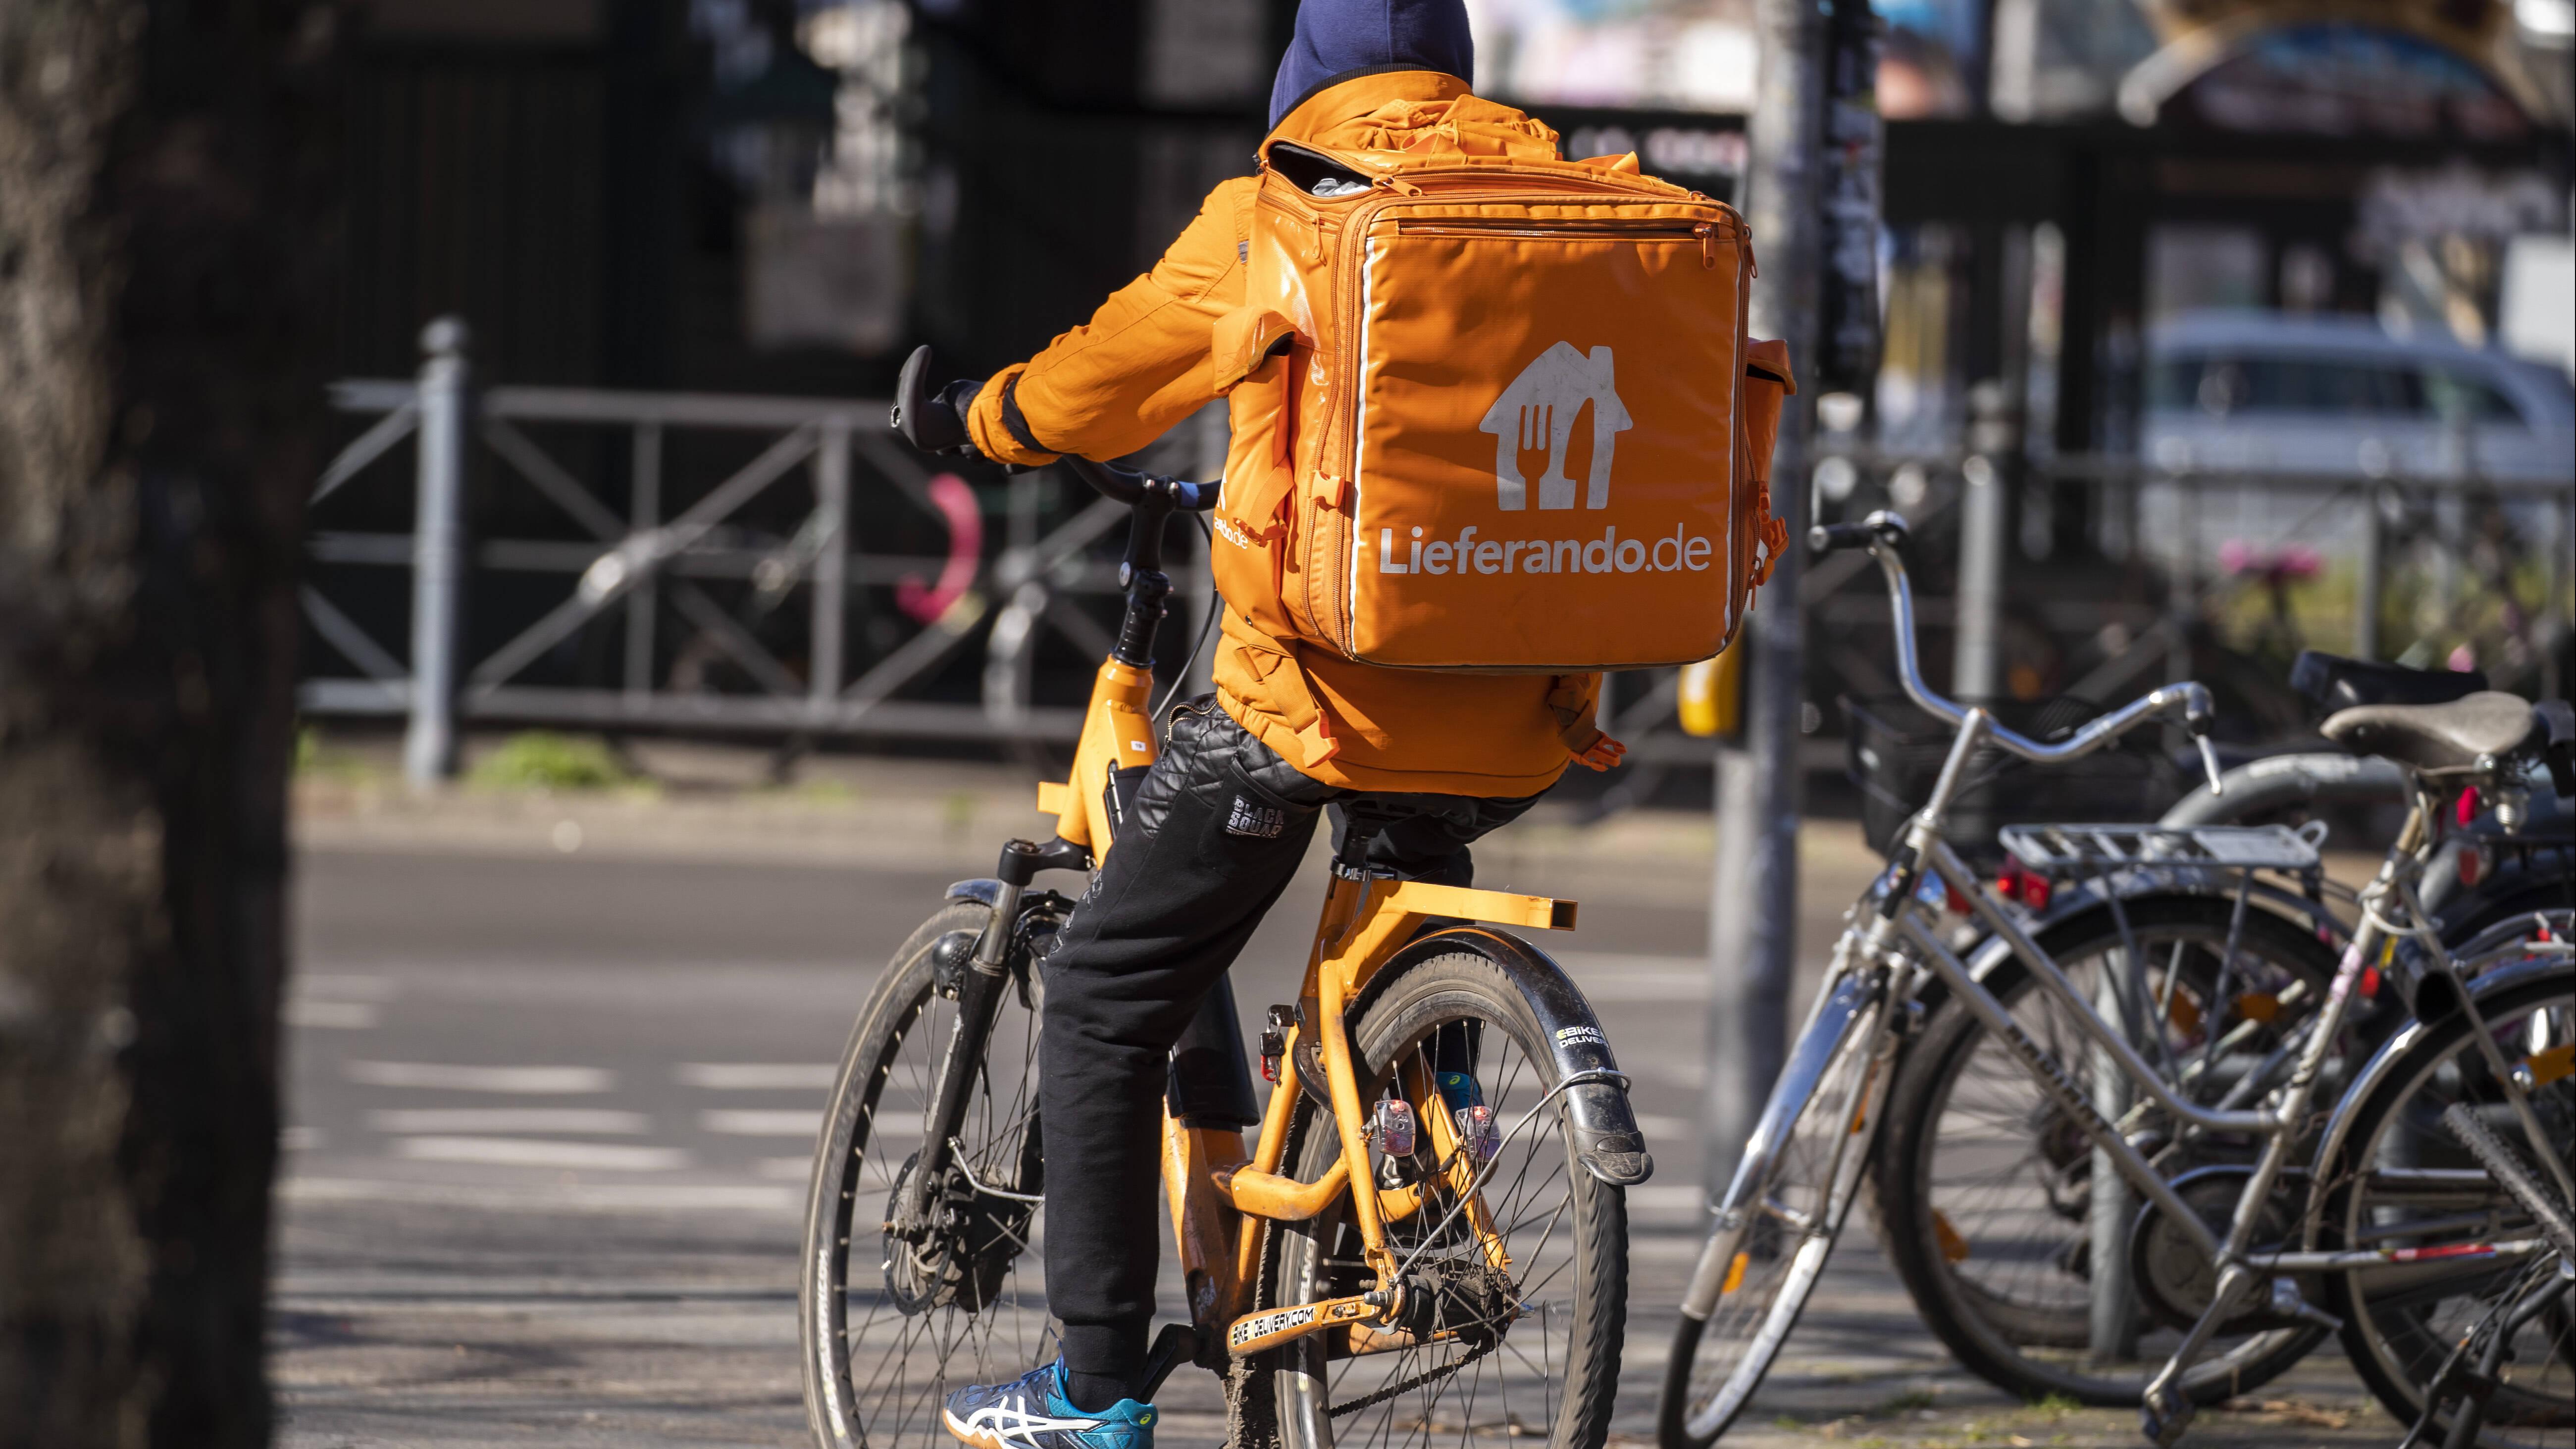 Mit einem Lieferando-Gutschein sparen Sie bares Geld. Das Essen kommt in der Regel per Fahrrad.